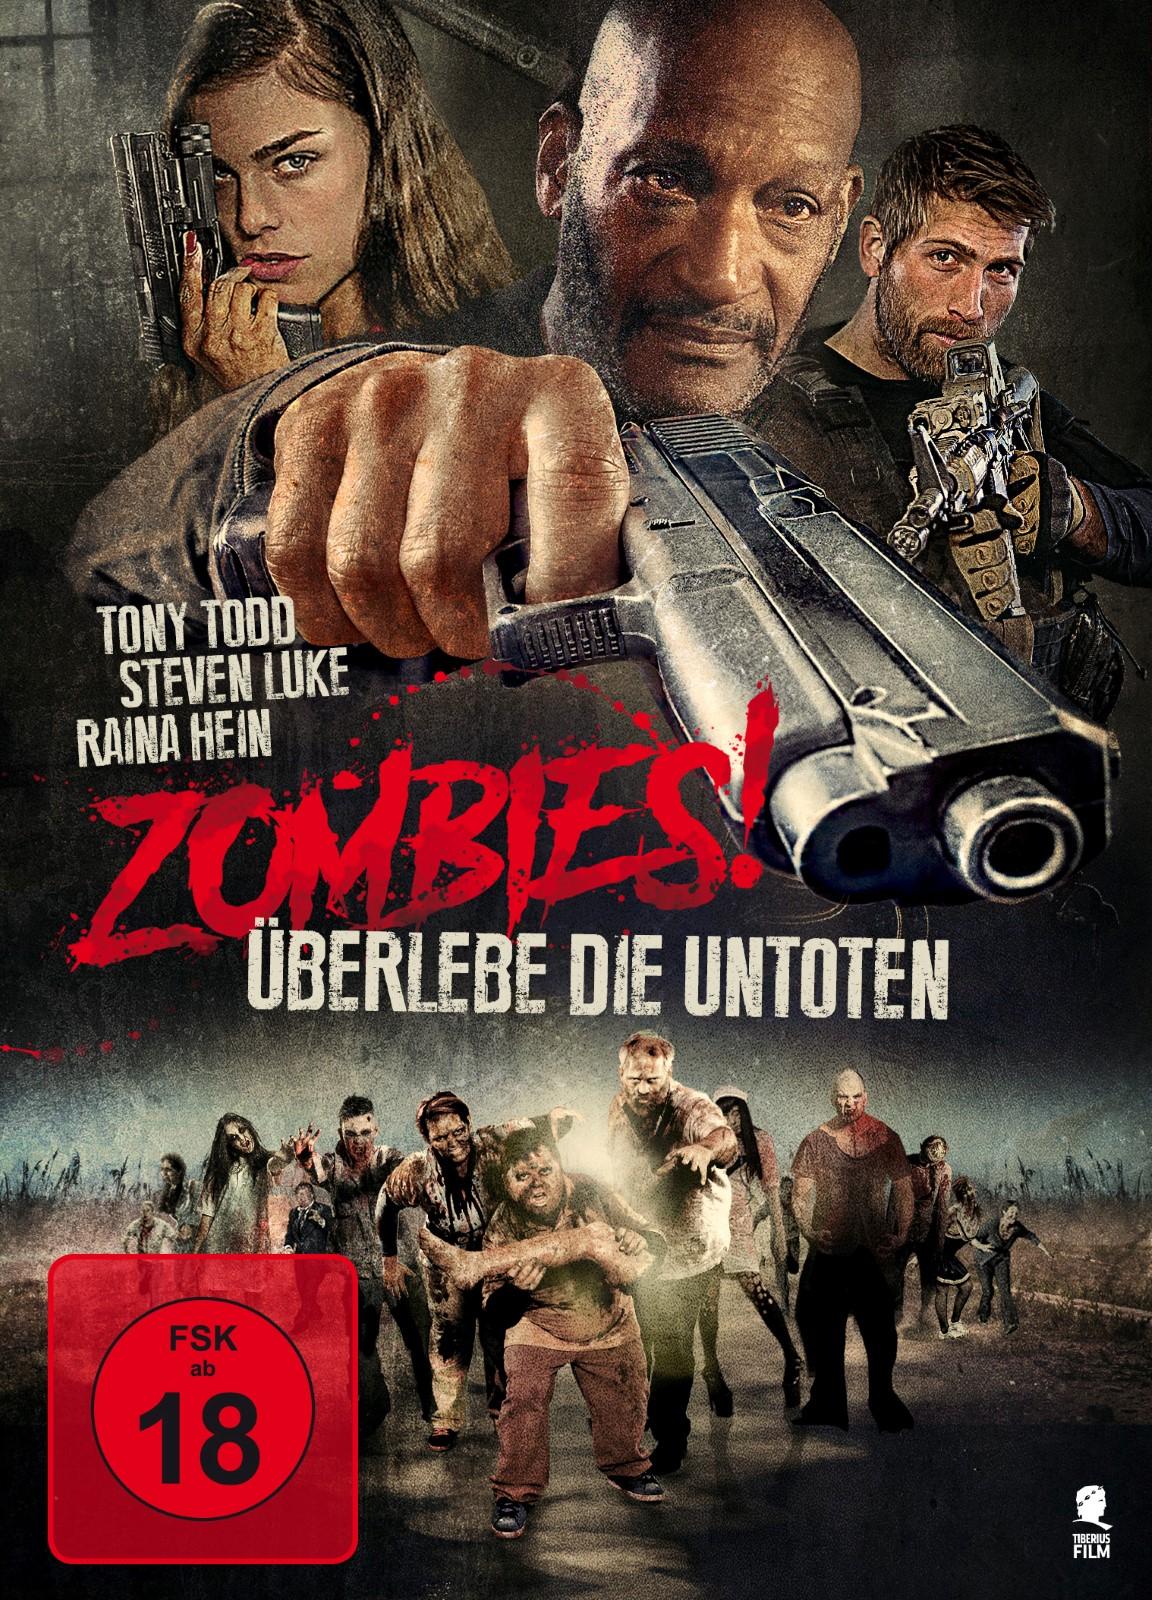 Zombies Гјberlebe Die Untoten